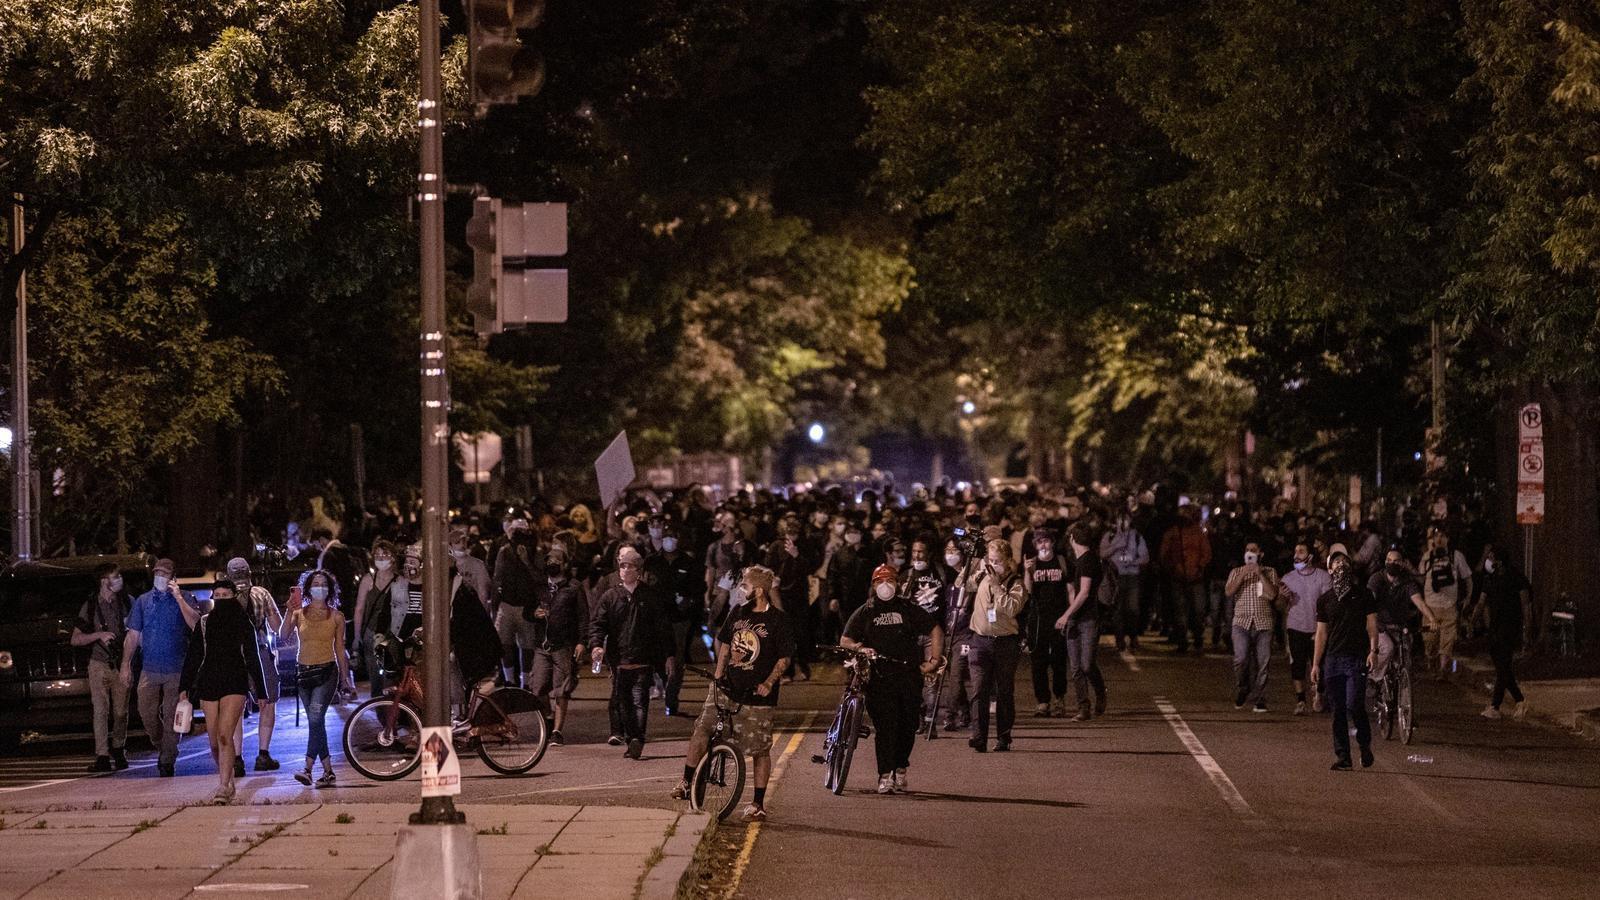 Protestes contra el racisme institucional a Washington aquest dilluns a la nit